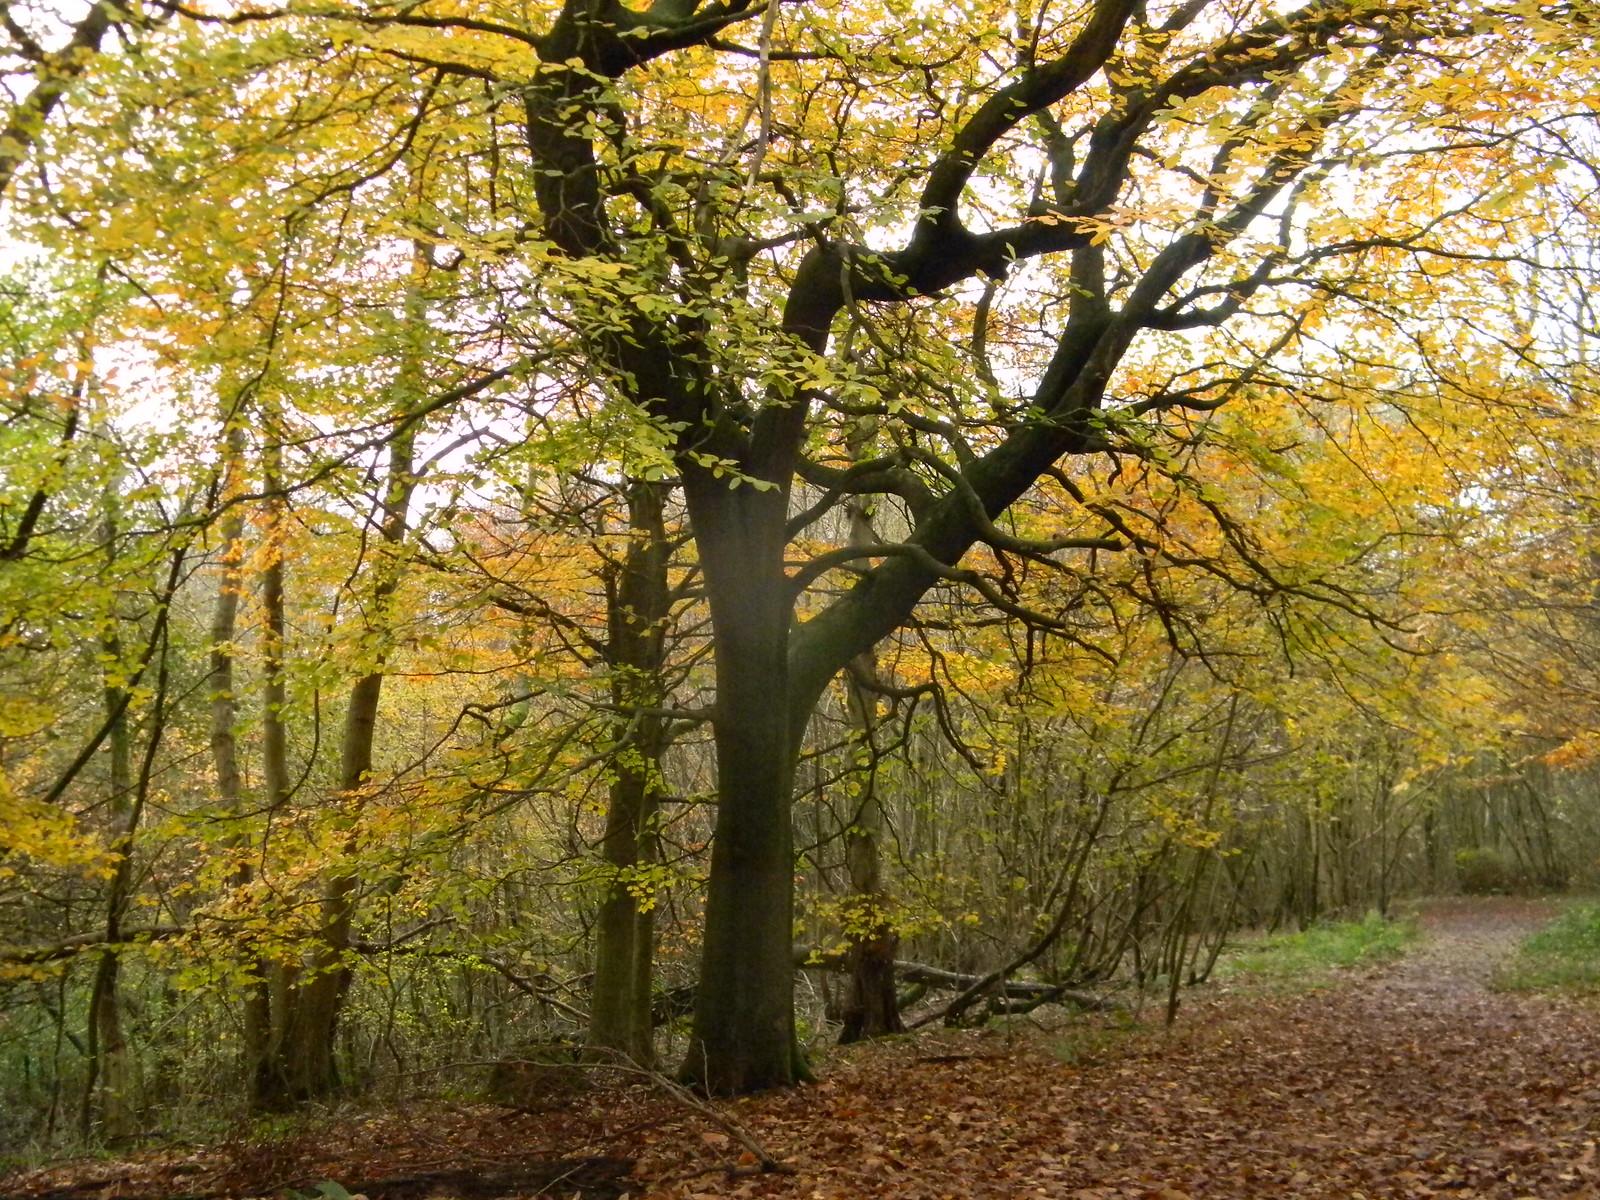 In Nut Wood Merstham to Tattenham Corner